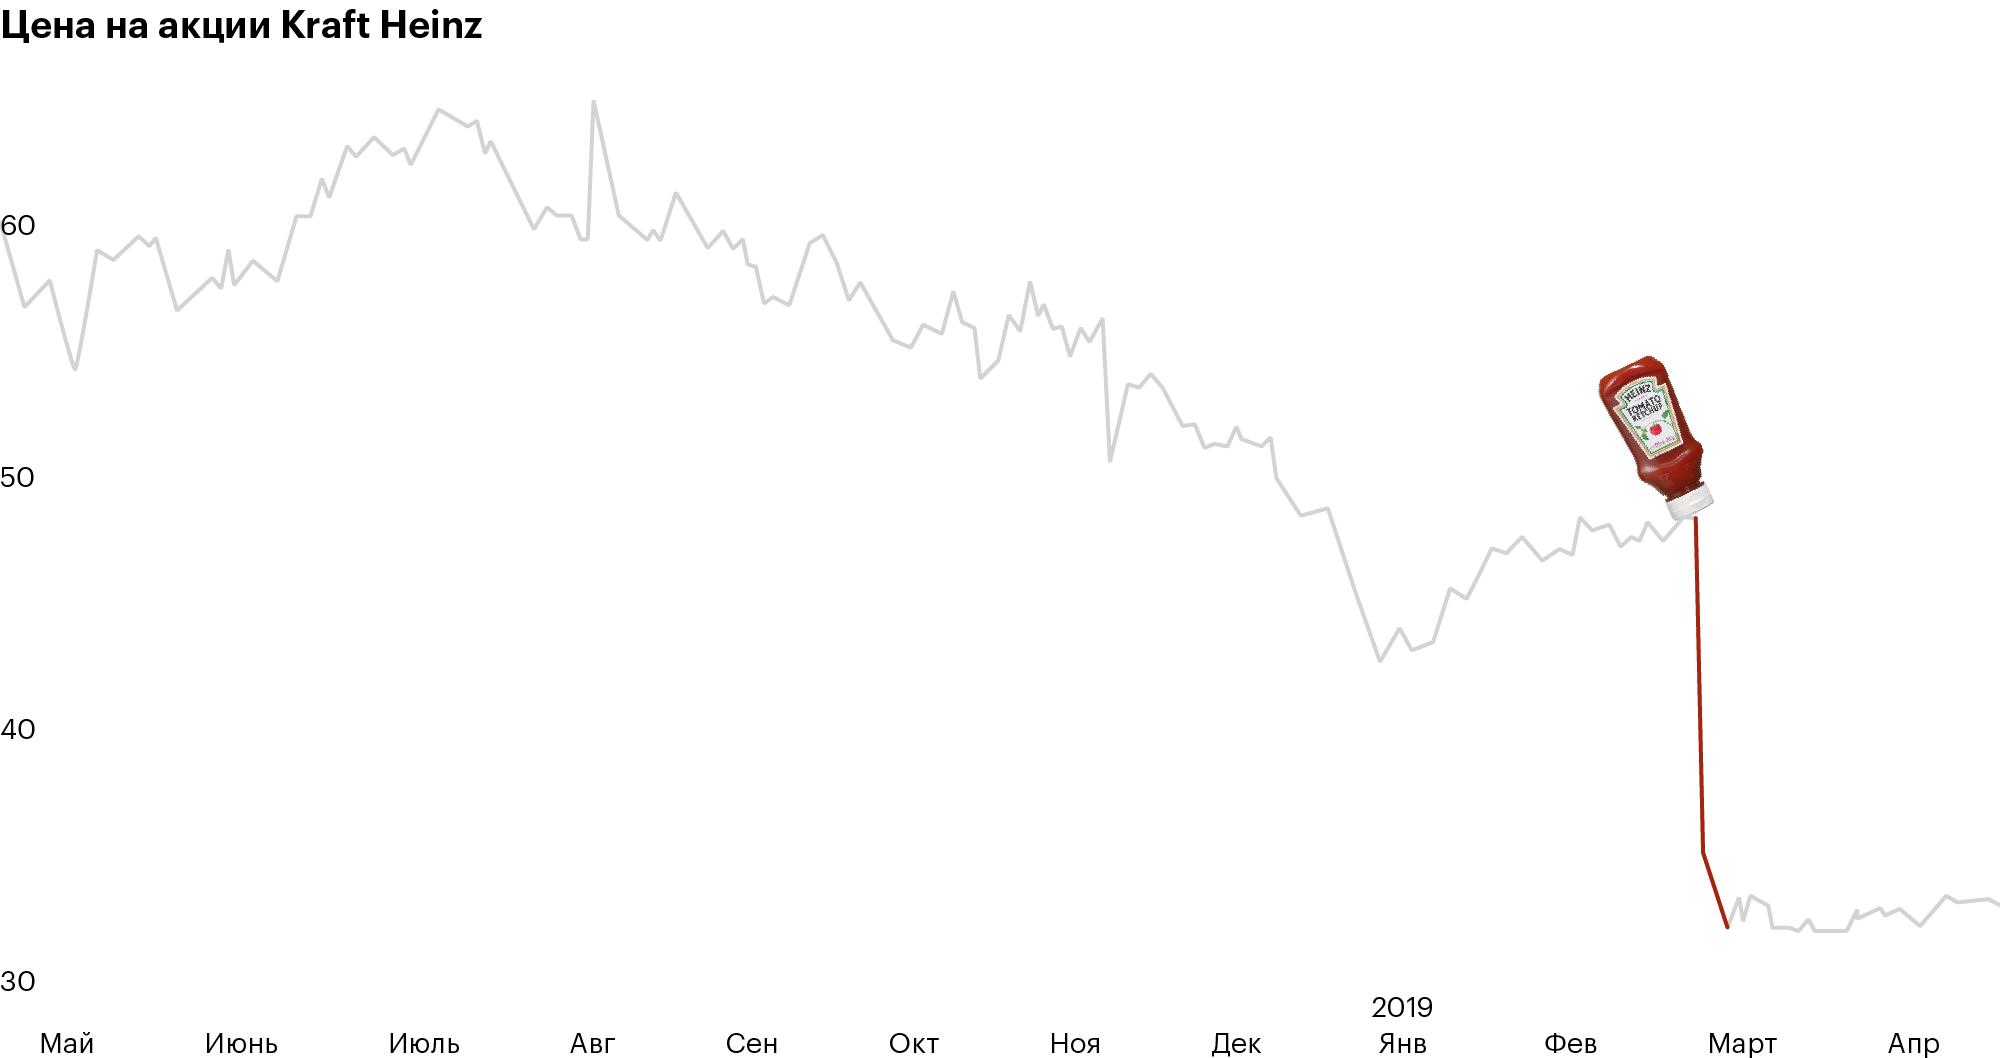 21 февраля вышла отчетность за 2018 год. Kraft Heinz получил убыток 10,3 млрд долларов, руководство снизило дивиденды на 37%. Данные: Tradingview.com